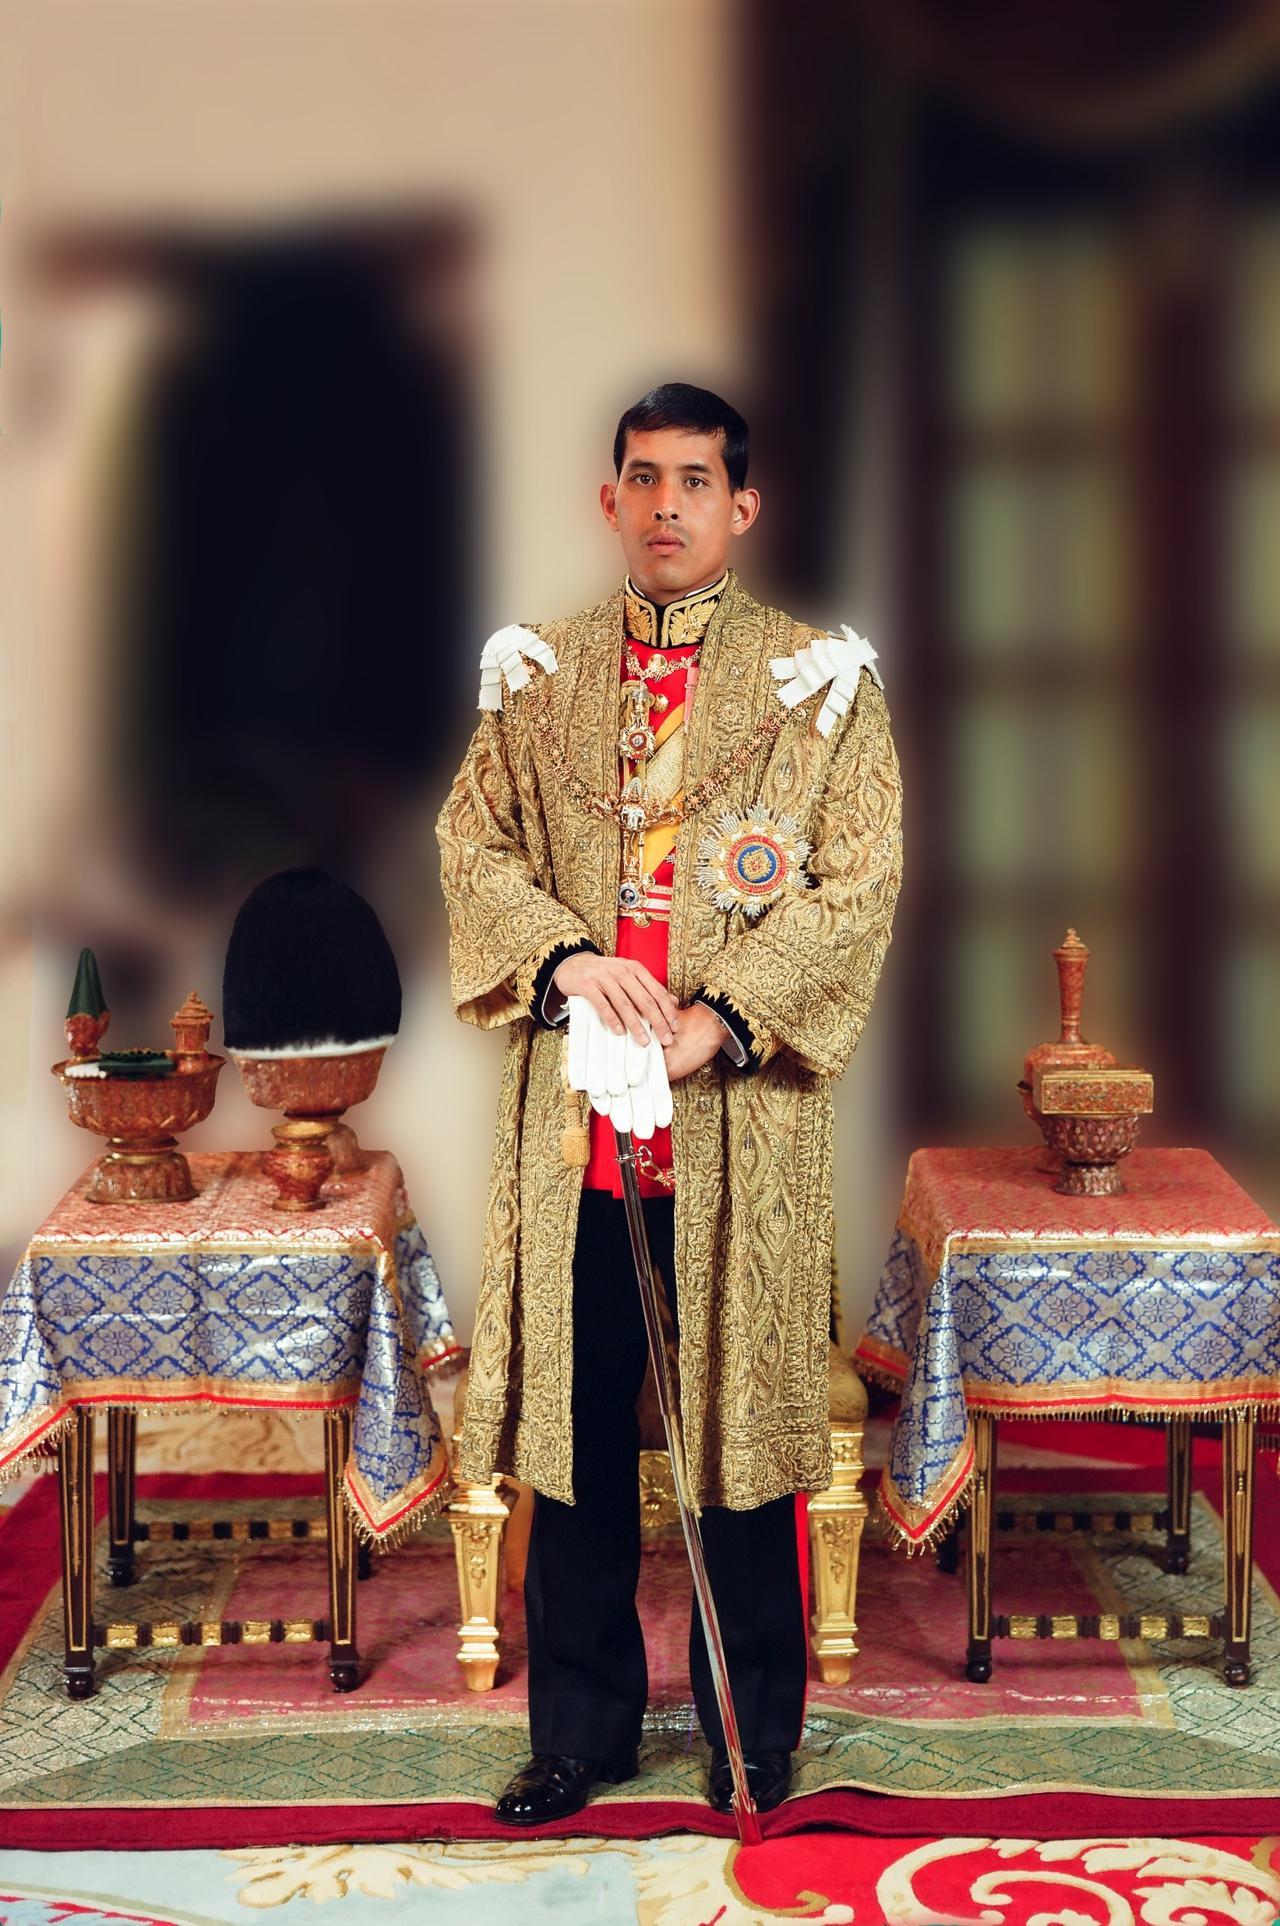 รัชกาลที่ 10 ทรงประกอบพระราชพิธีบรมราชาภิเษก  วันที่ 4 พ.ค. 2562